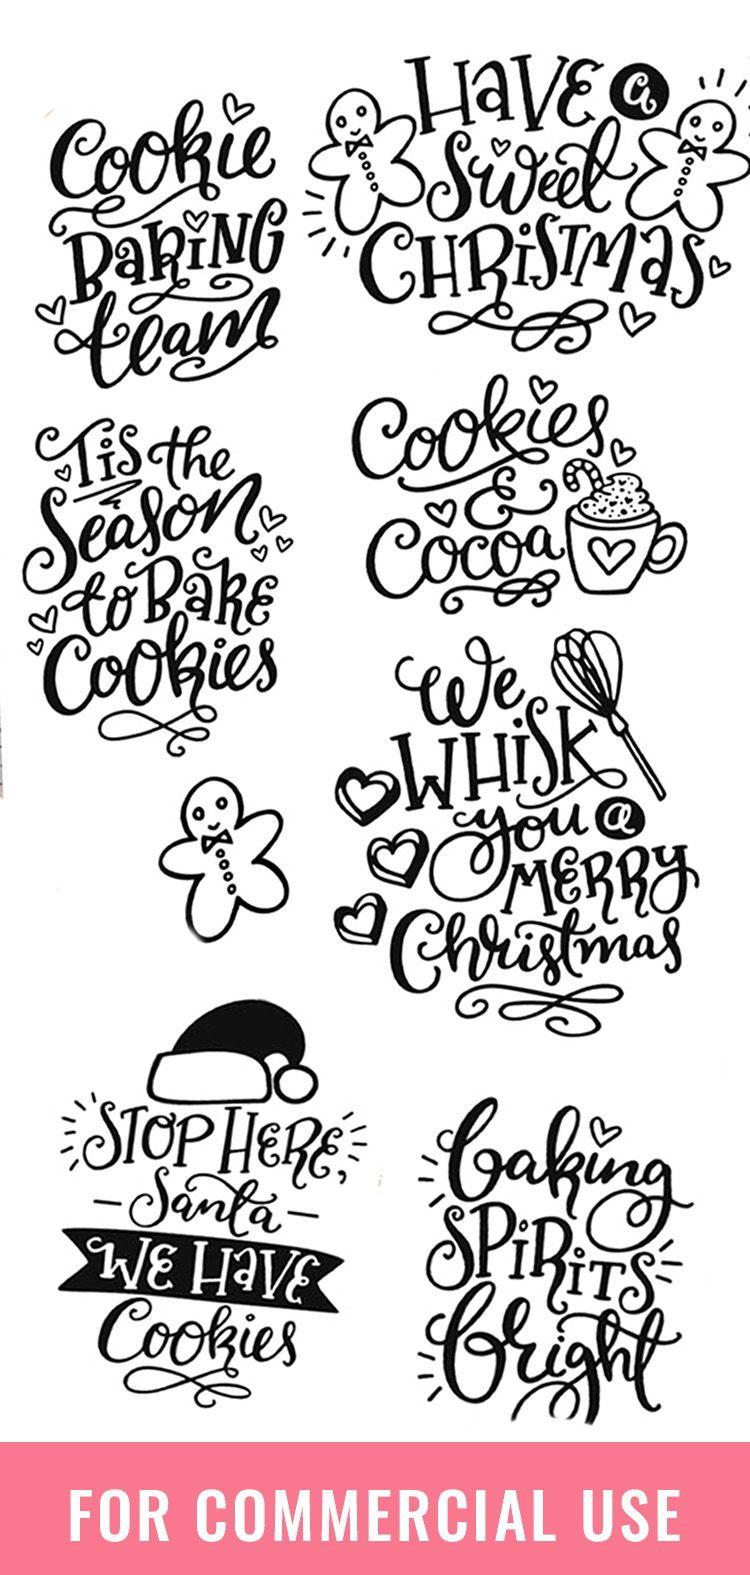 Christmas Baking Quotes : christmas, baking, quotes, Christmas, Baking, Bundle!, Holiday, Quote, Designs, (356073), Lettered, Design, Bundles, Quotes,, Lettering